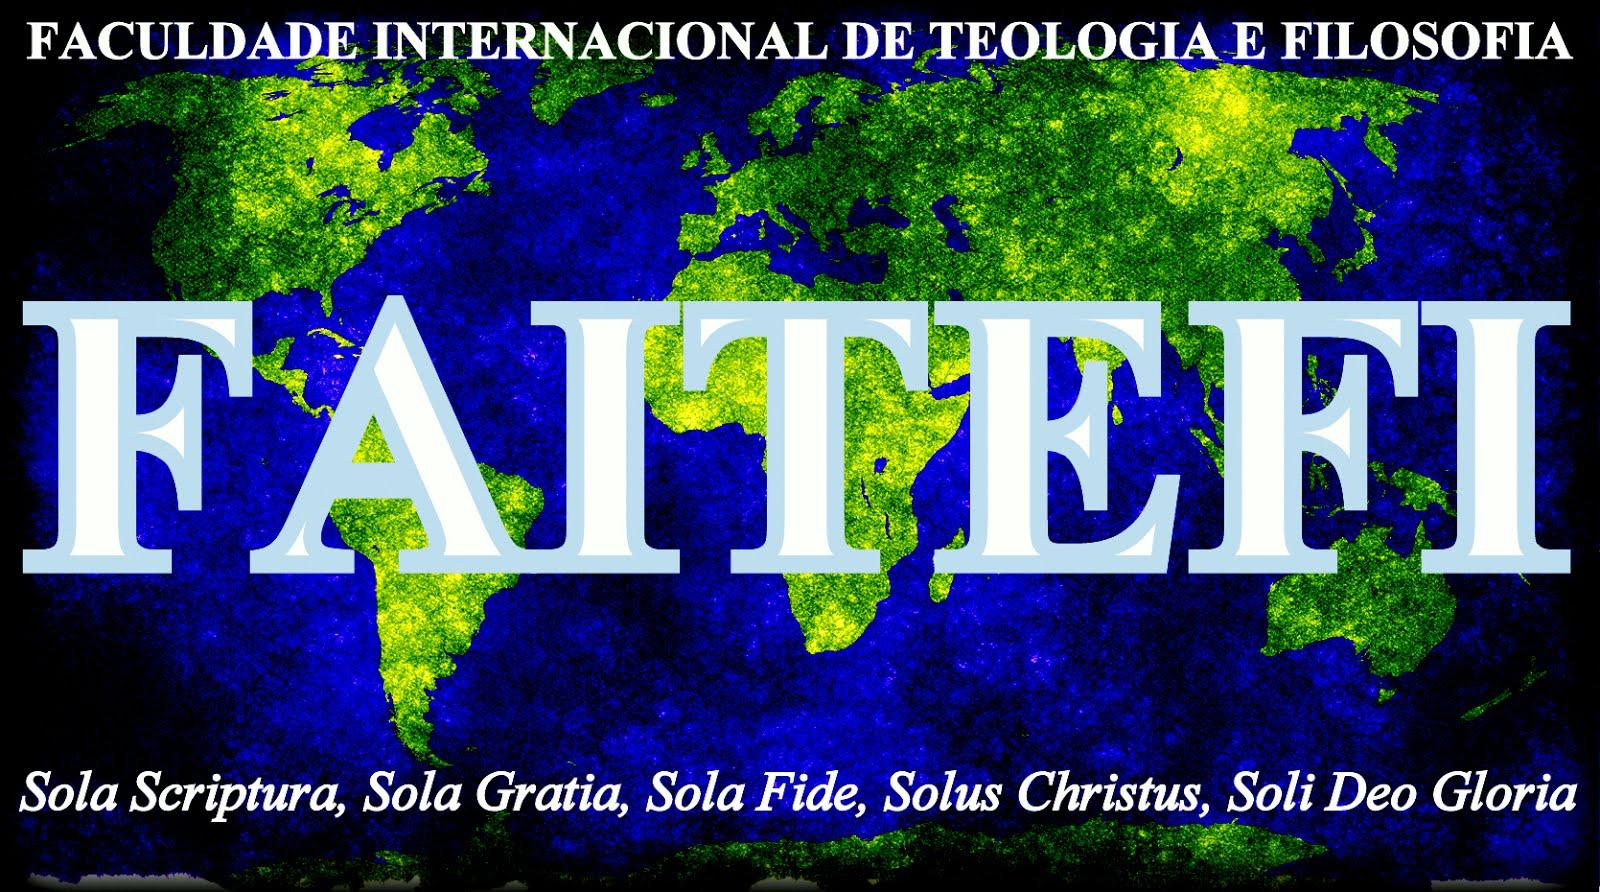 FACULDADE INTERNACIONAL DE TEOLOGIA E FILOSOFIA